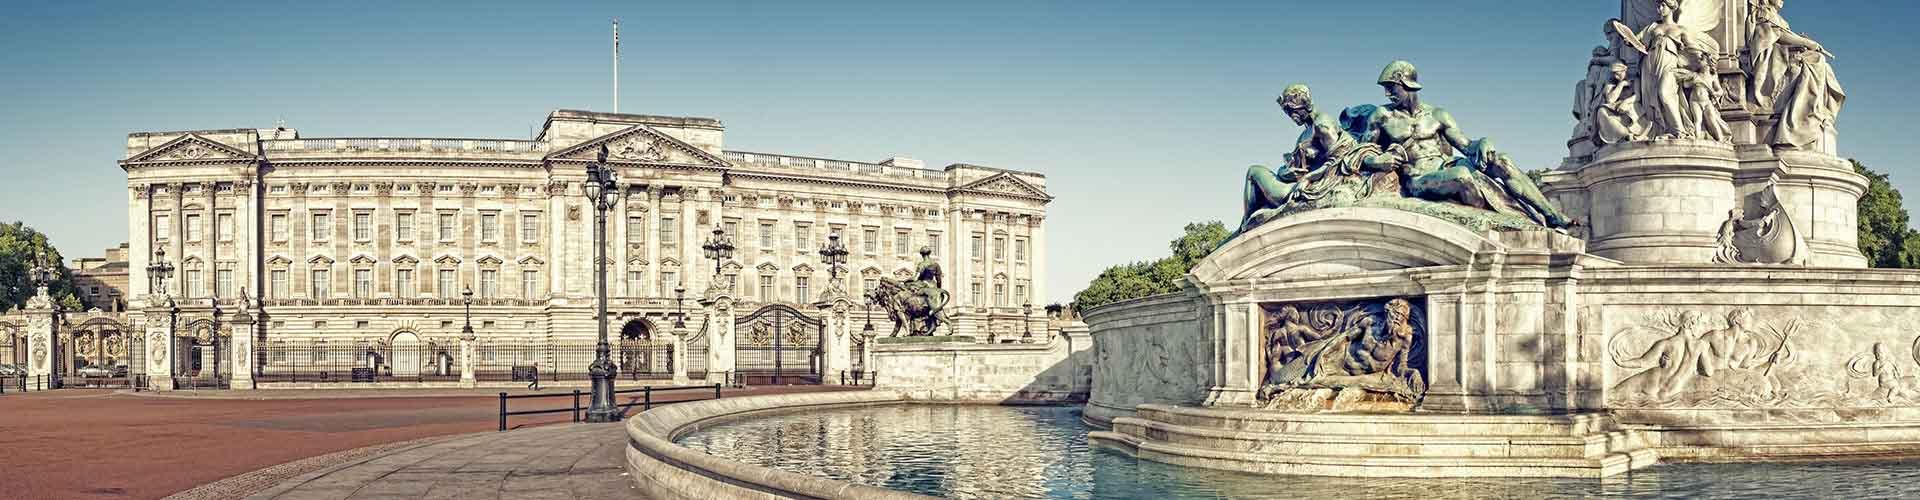 Lontoo – Hostellit lähellä Buckinghamin palatsi. Lontoo -karttoja, valokuvia ja arvosteluja kaikista Lontoo -hostelleista.